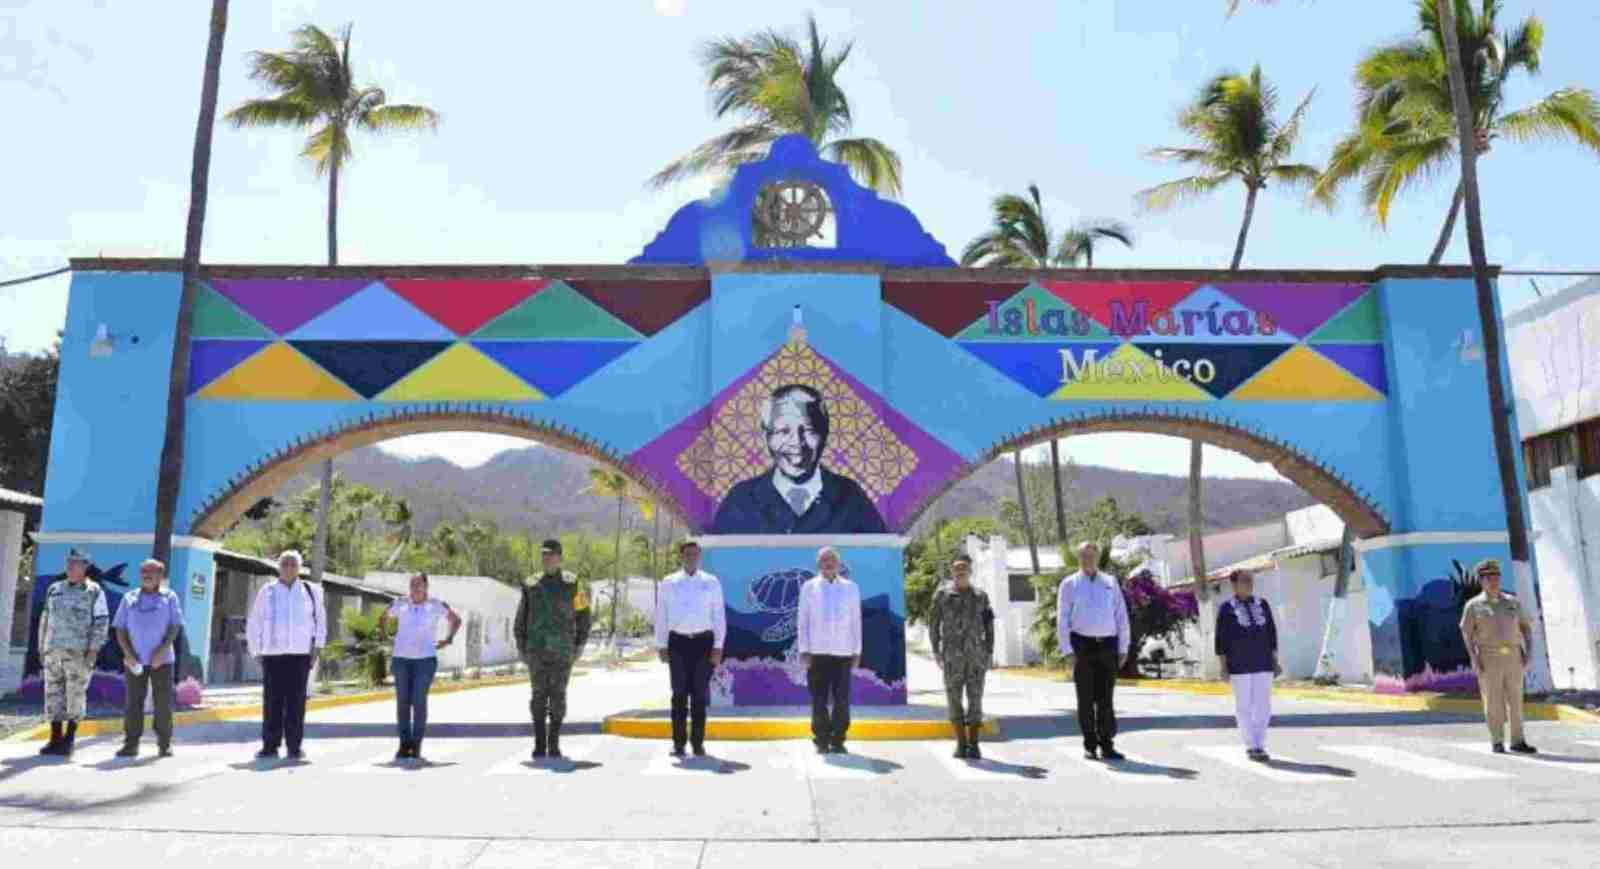 Islas marias abrirán al turismo en 2021